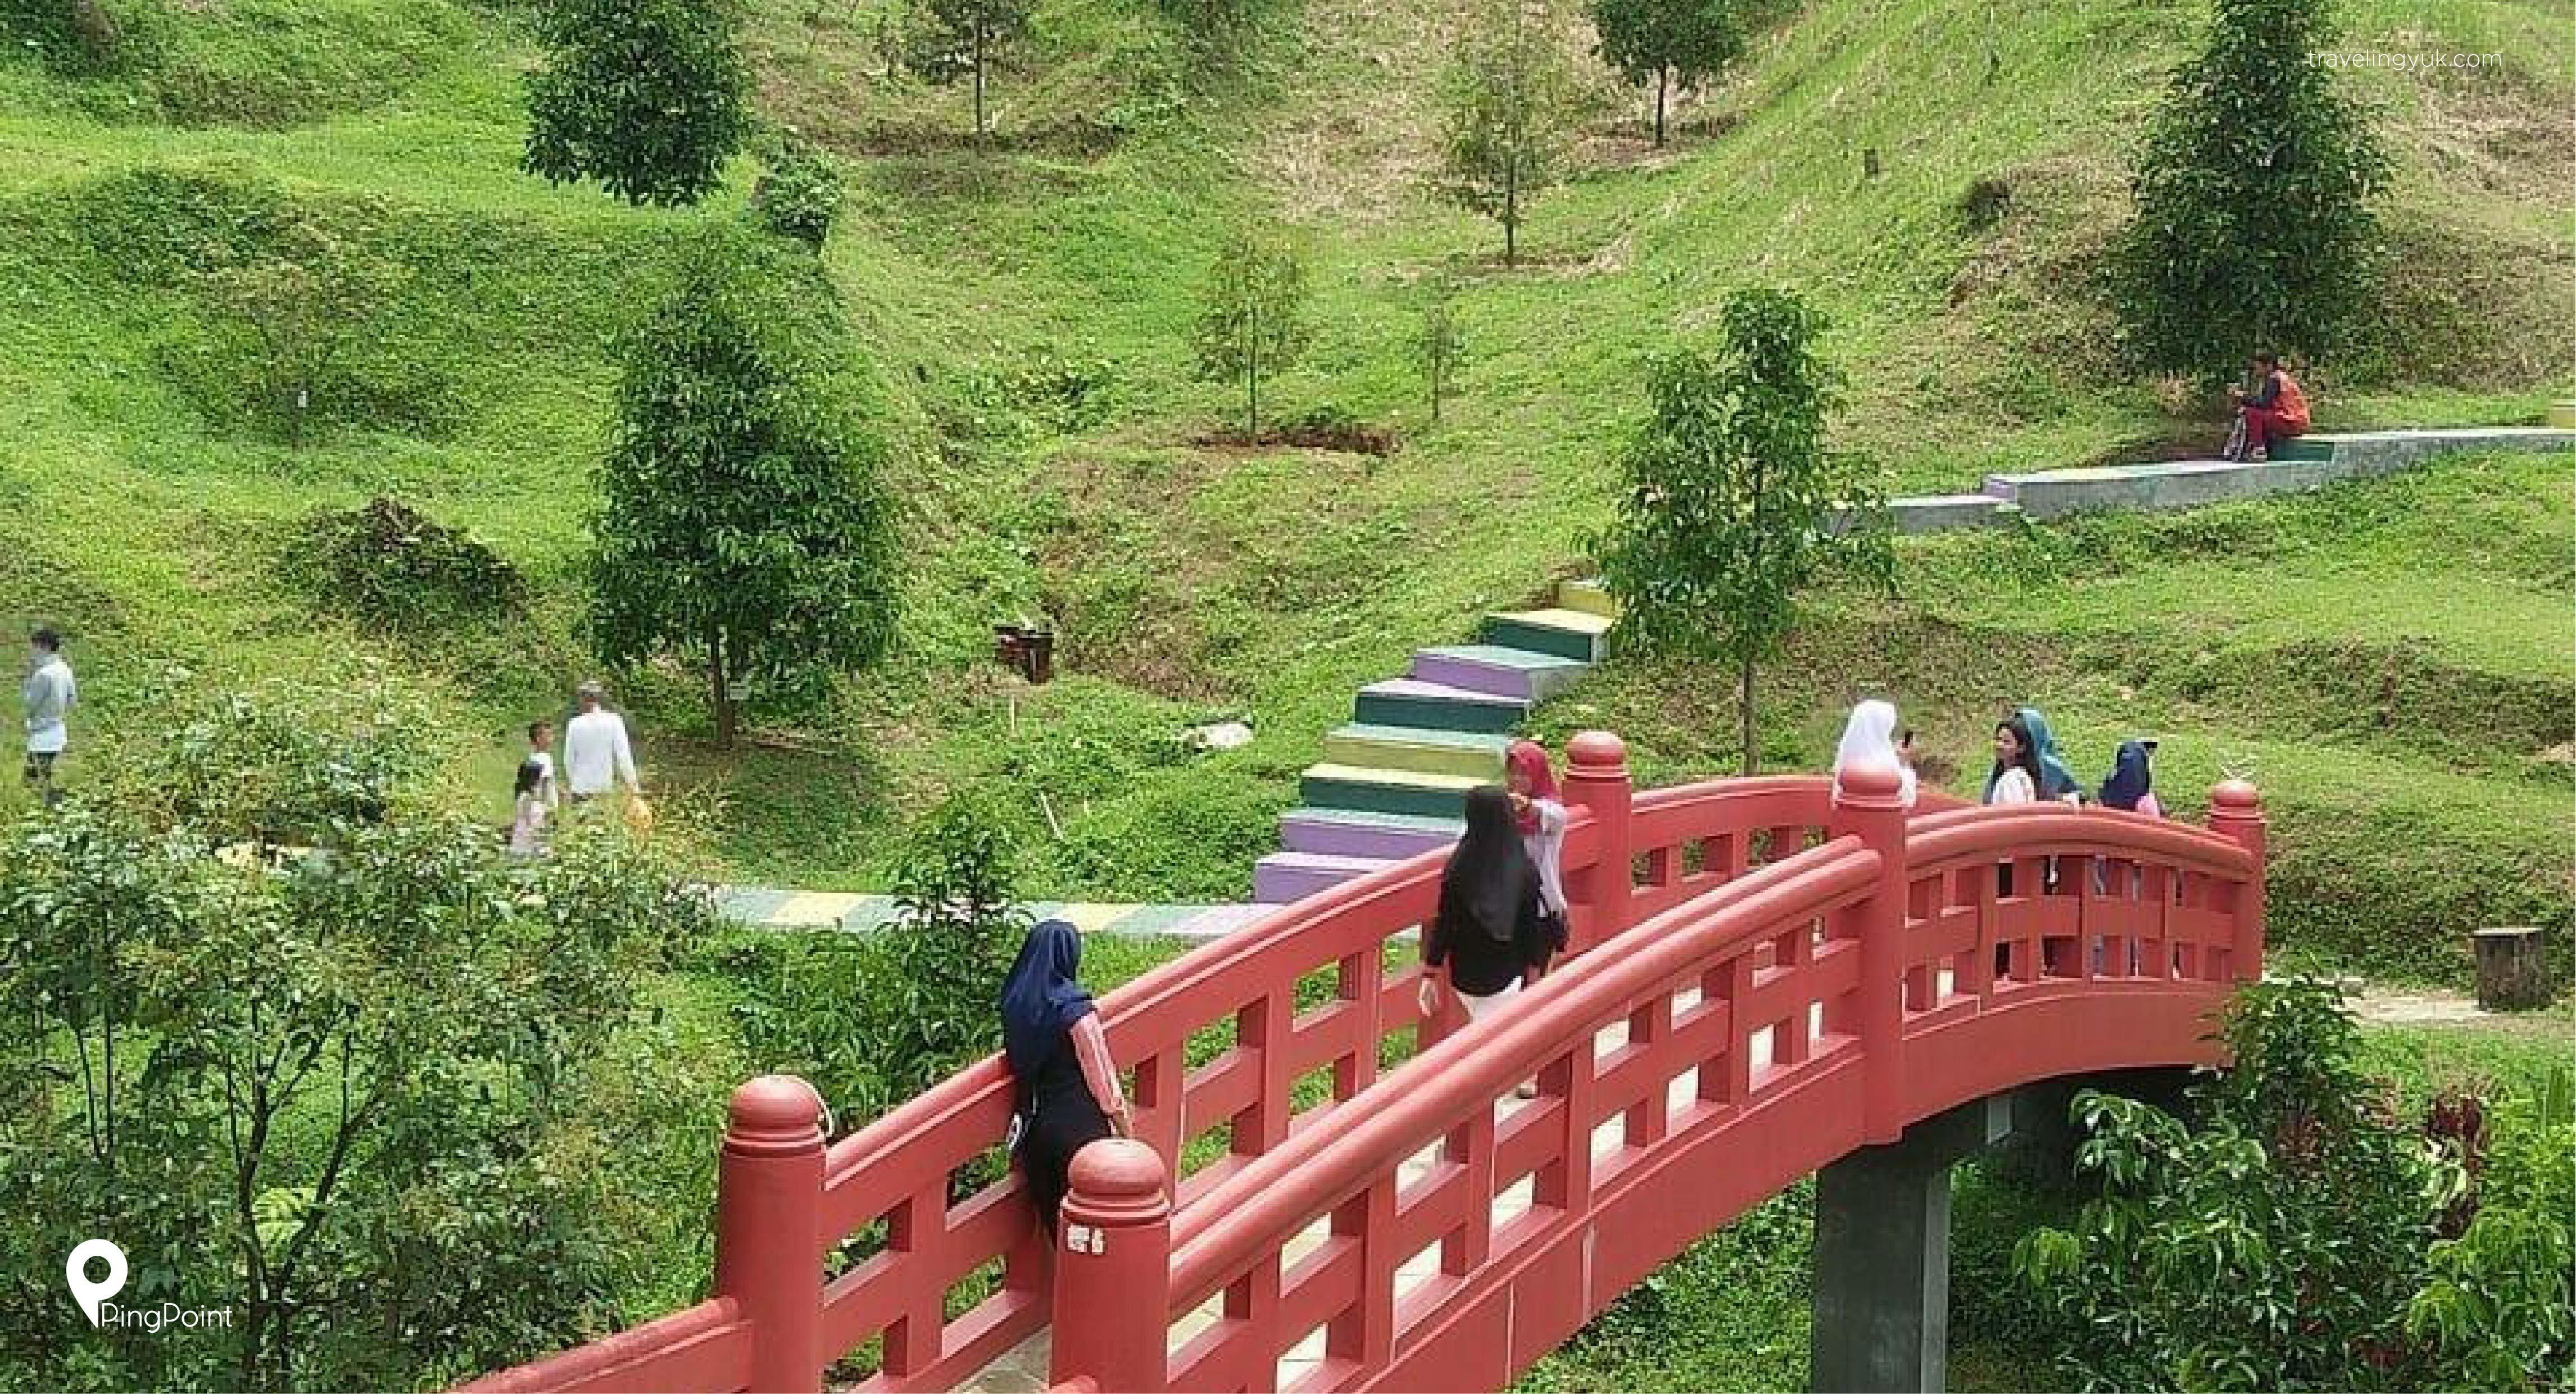 Taman Buah Cikaret, Destinasi Wisata di Bogor Jawa Barat